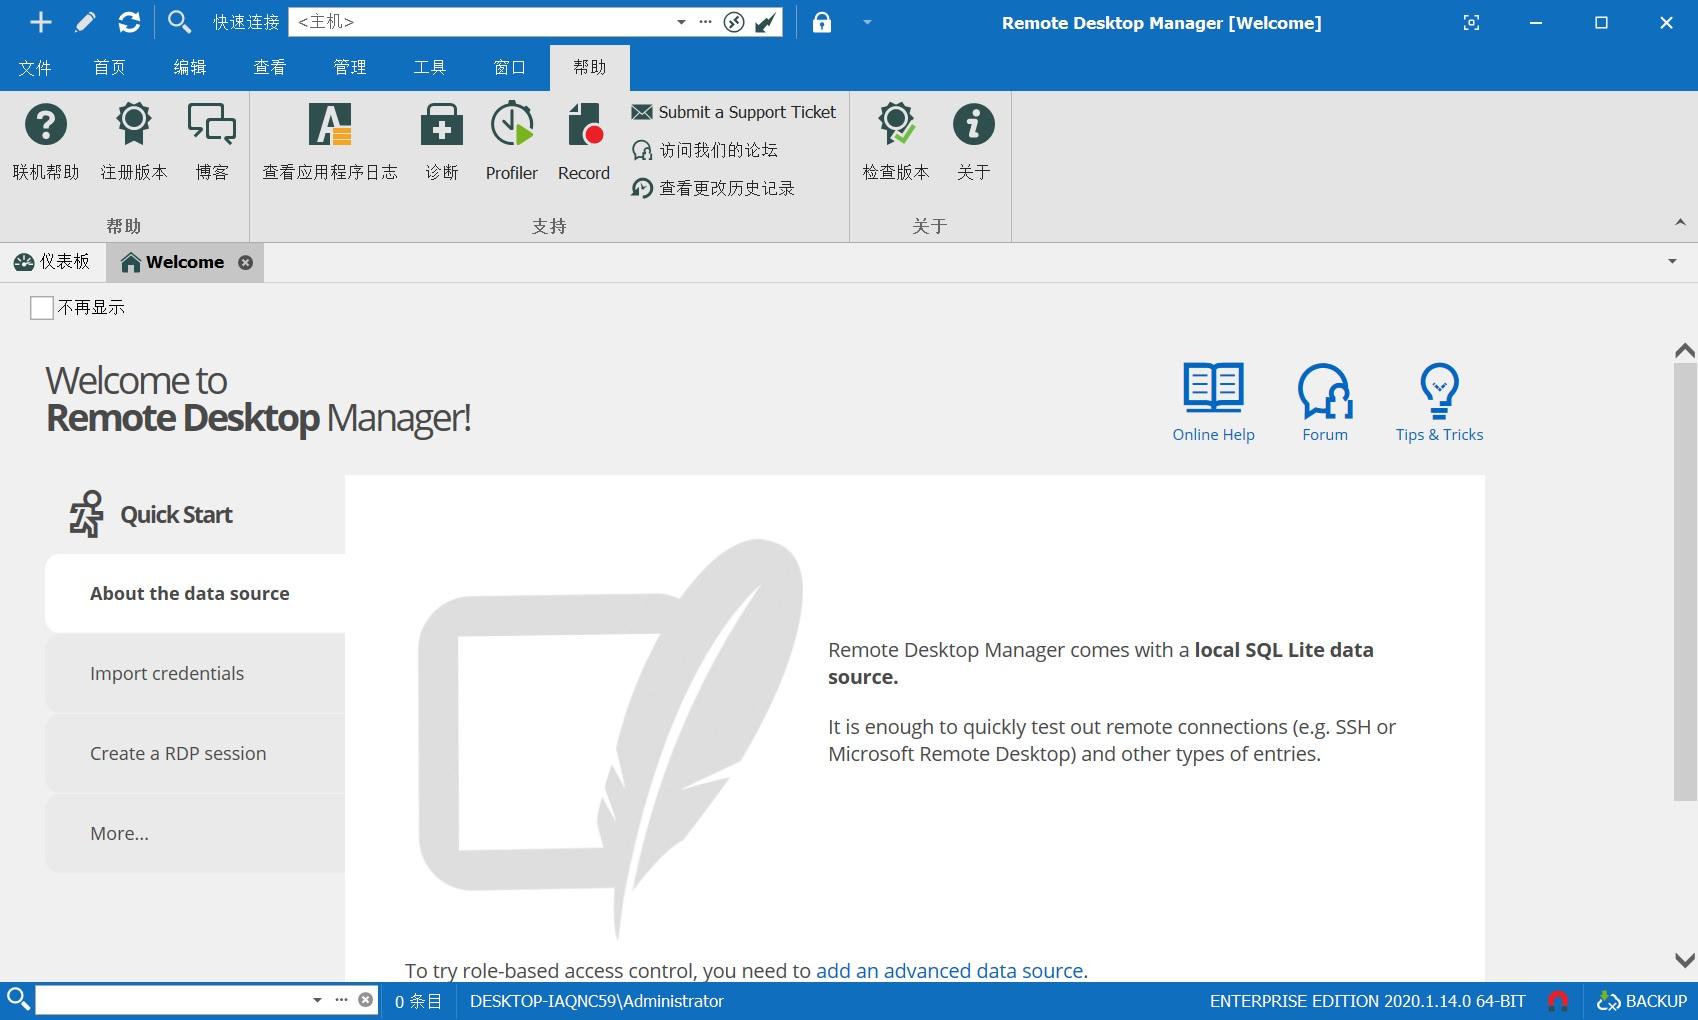 Remote Desktop Manager 2020.jpg